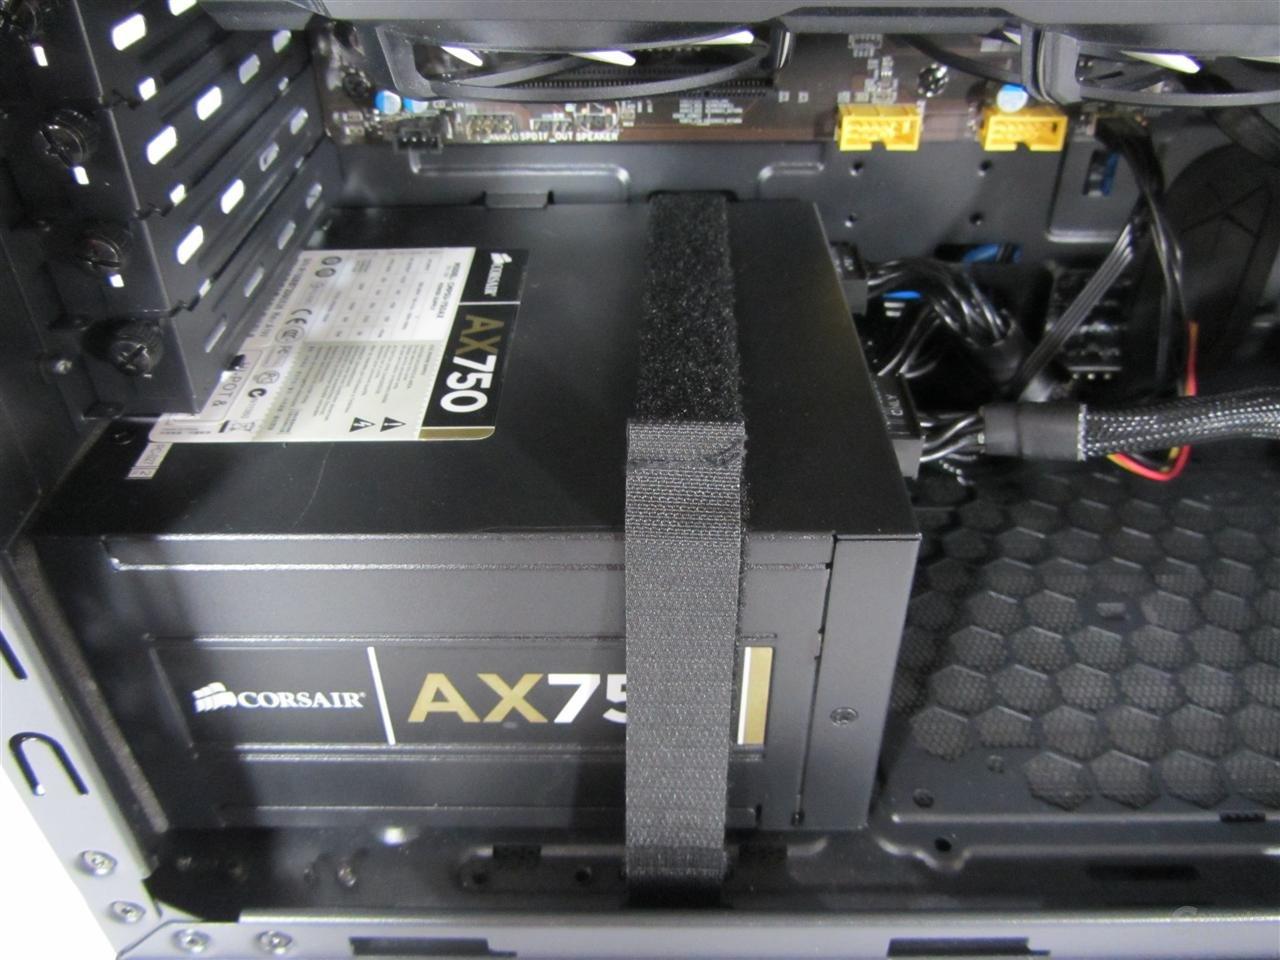 anidées AI-6 - Netzteil mit Montageklettband